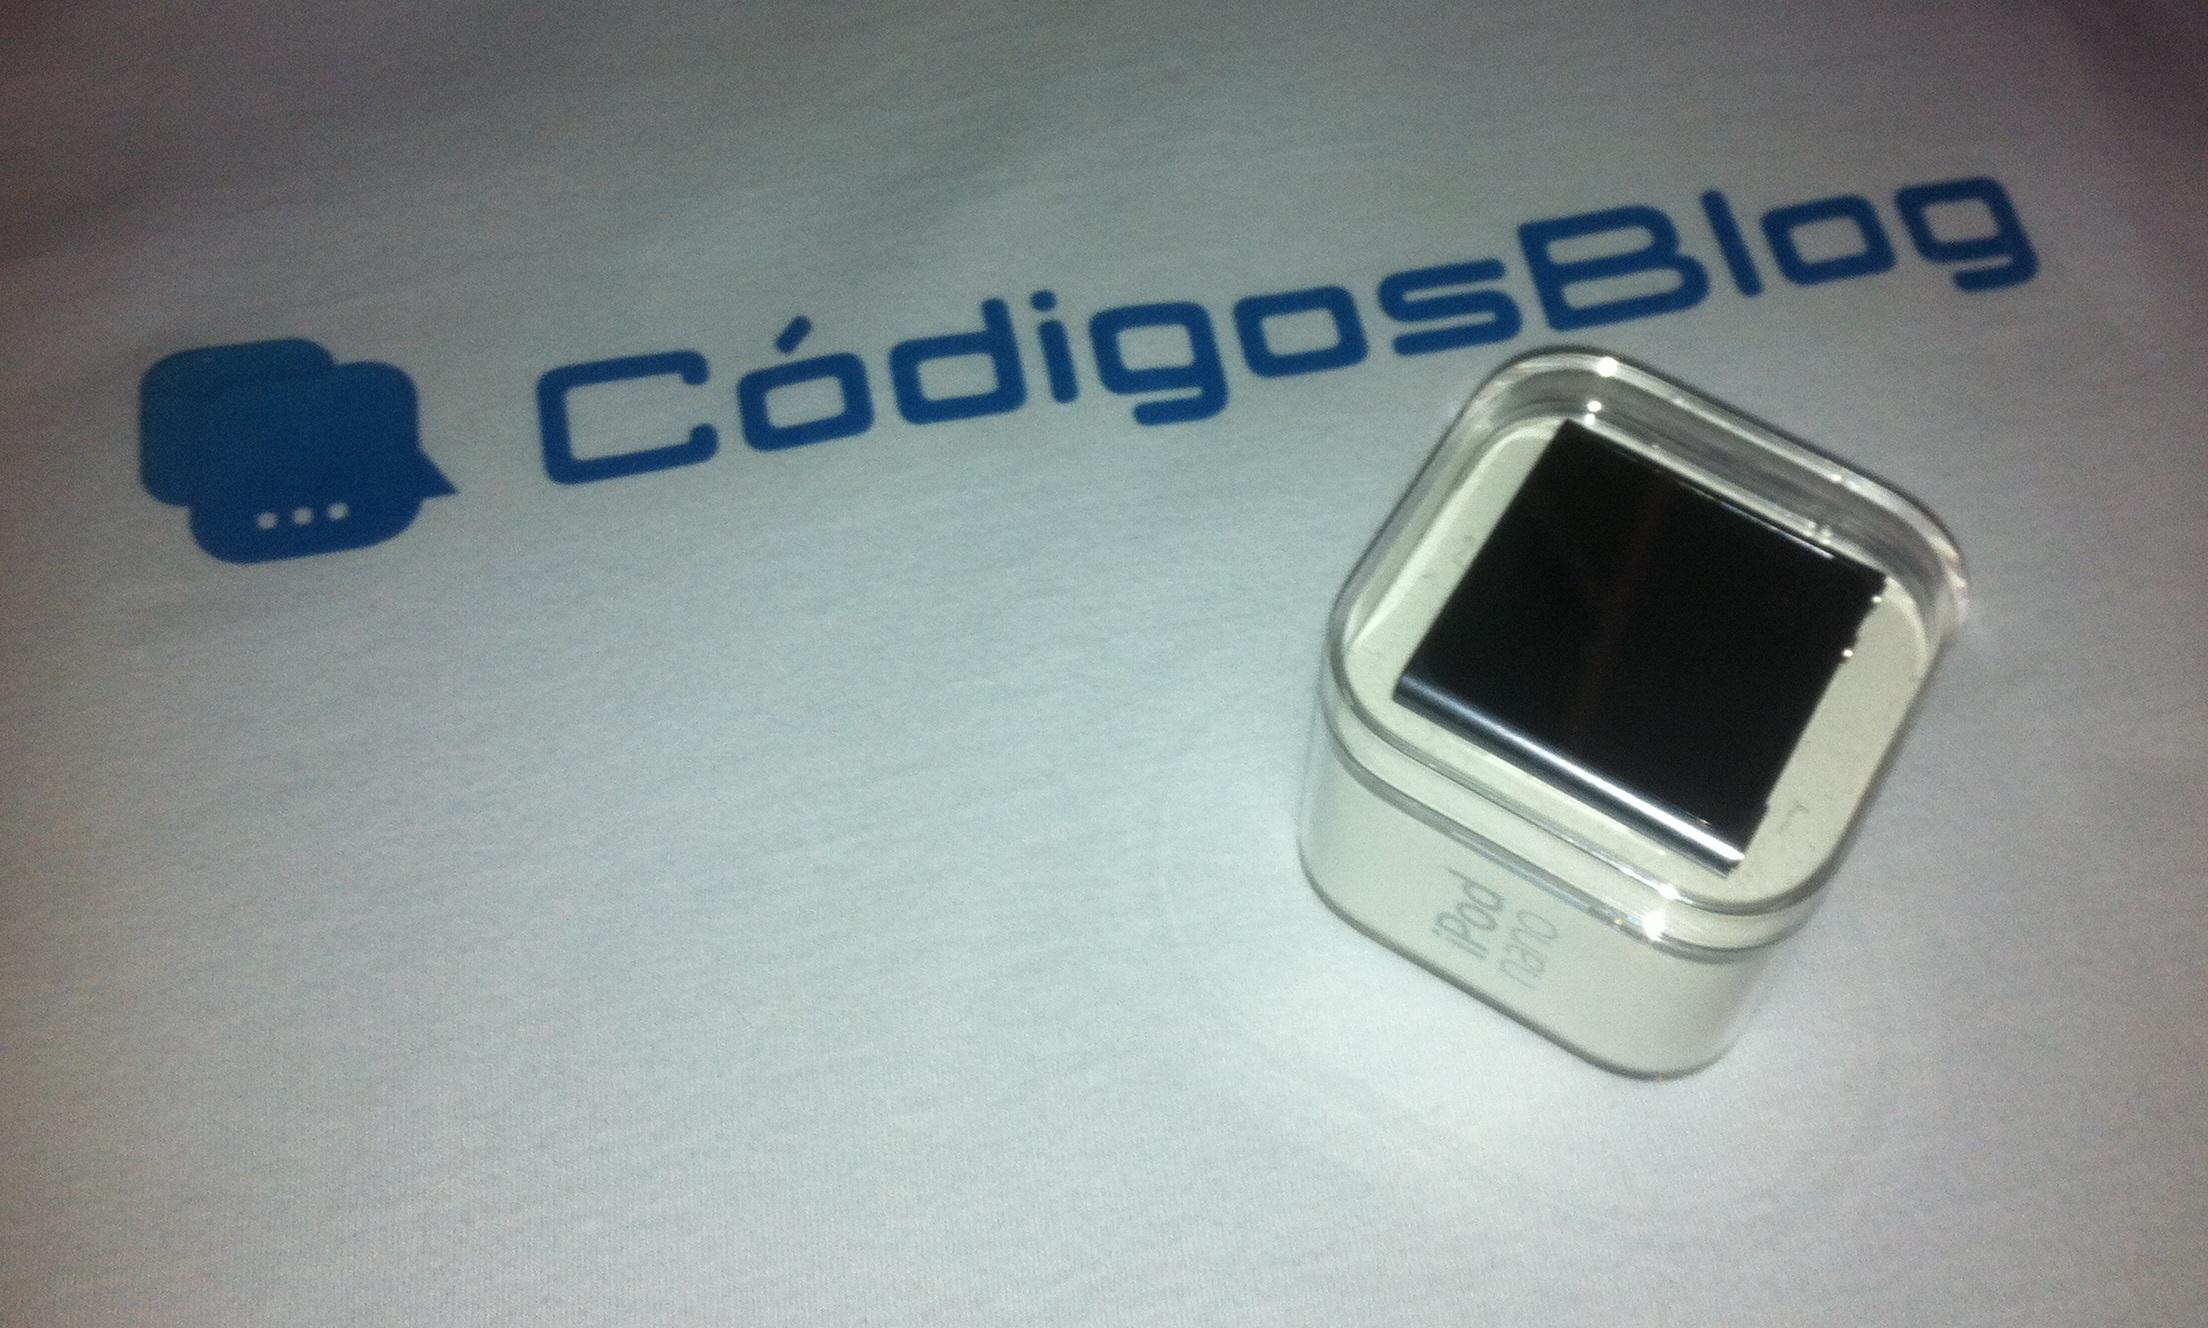 iPod promoção Códigos Blog